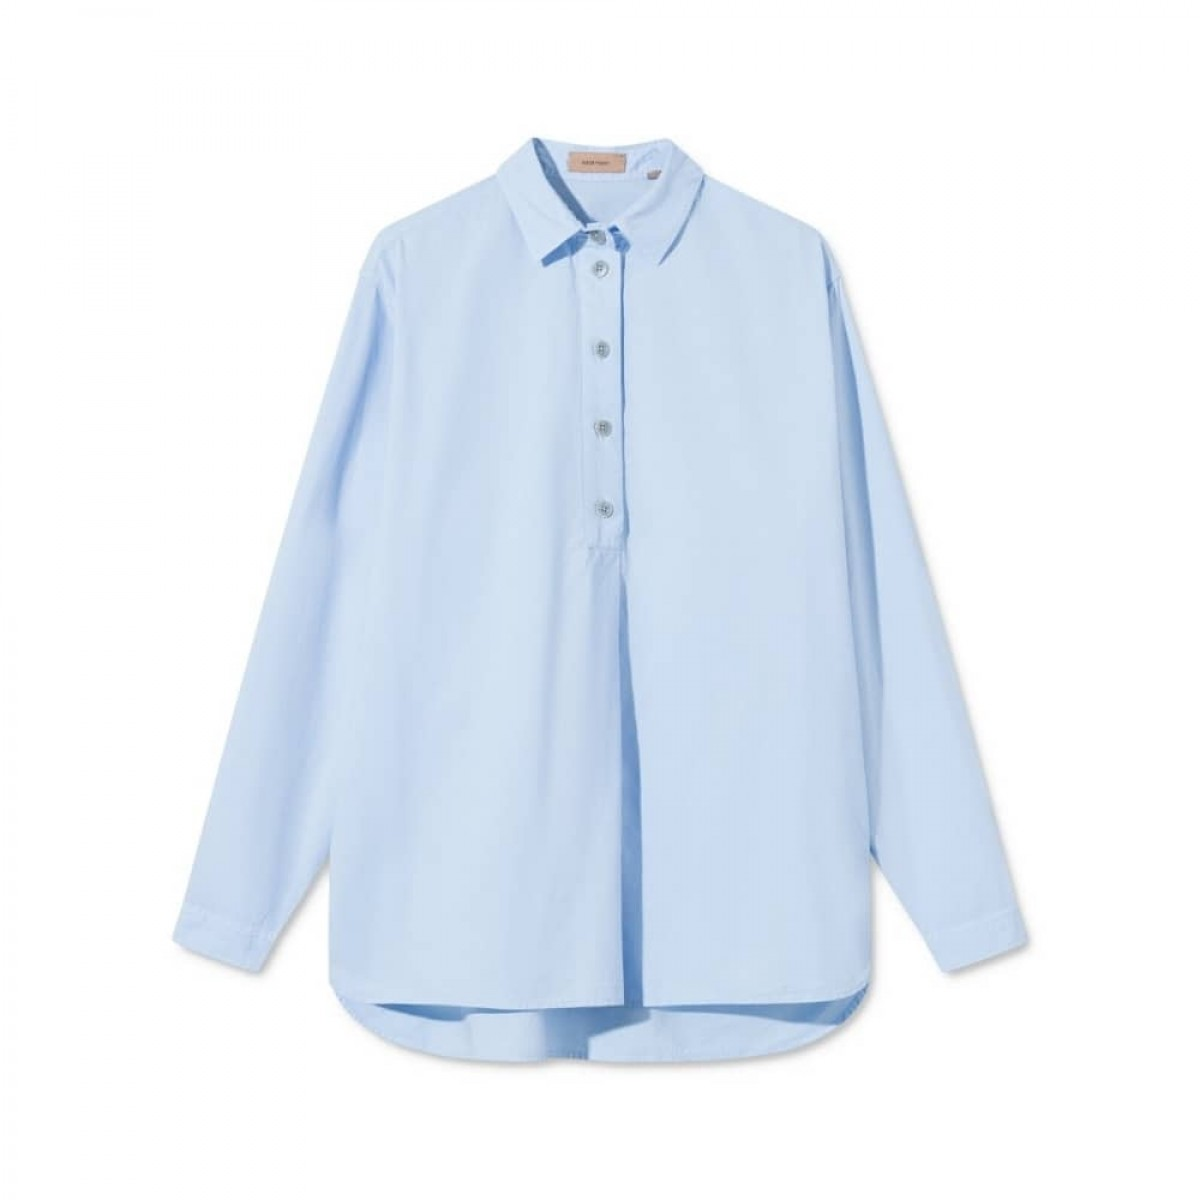 shiloh skjorte - light blue